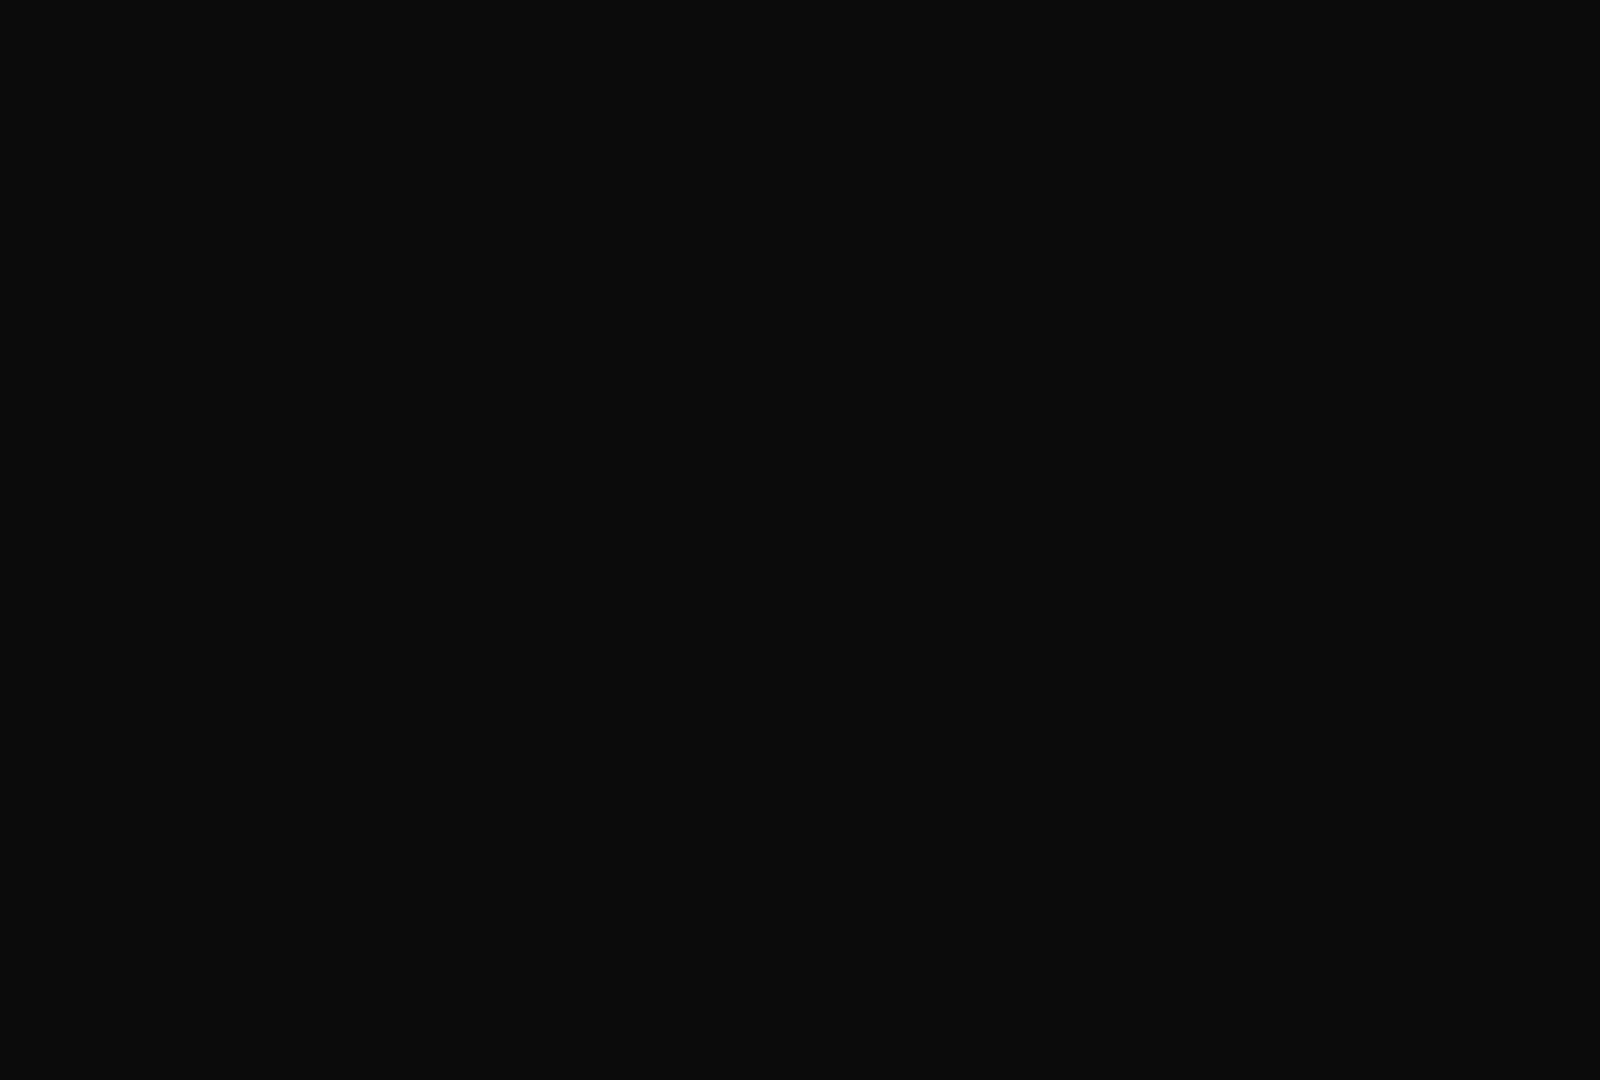 充血監督の深夜の運動会Vol.94 OLの実態  71pic 30